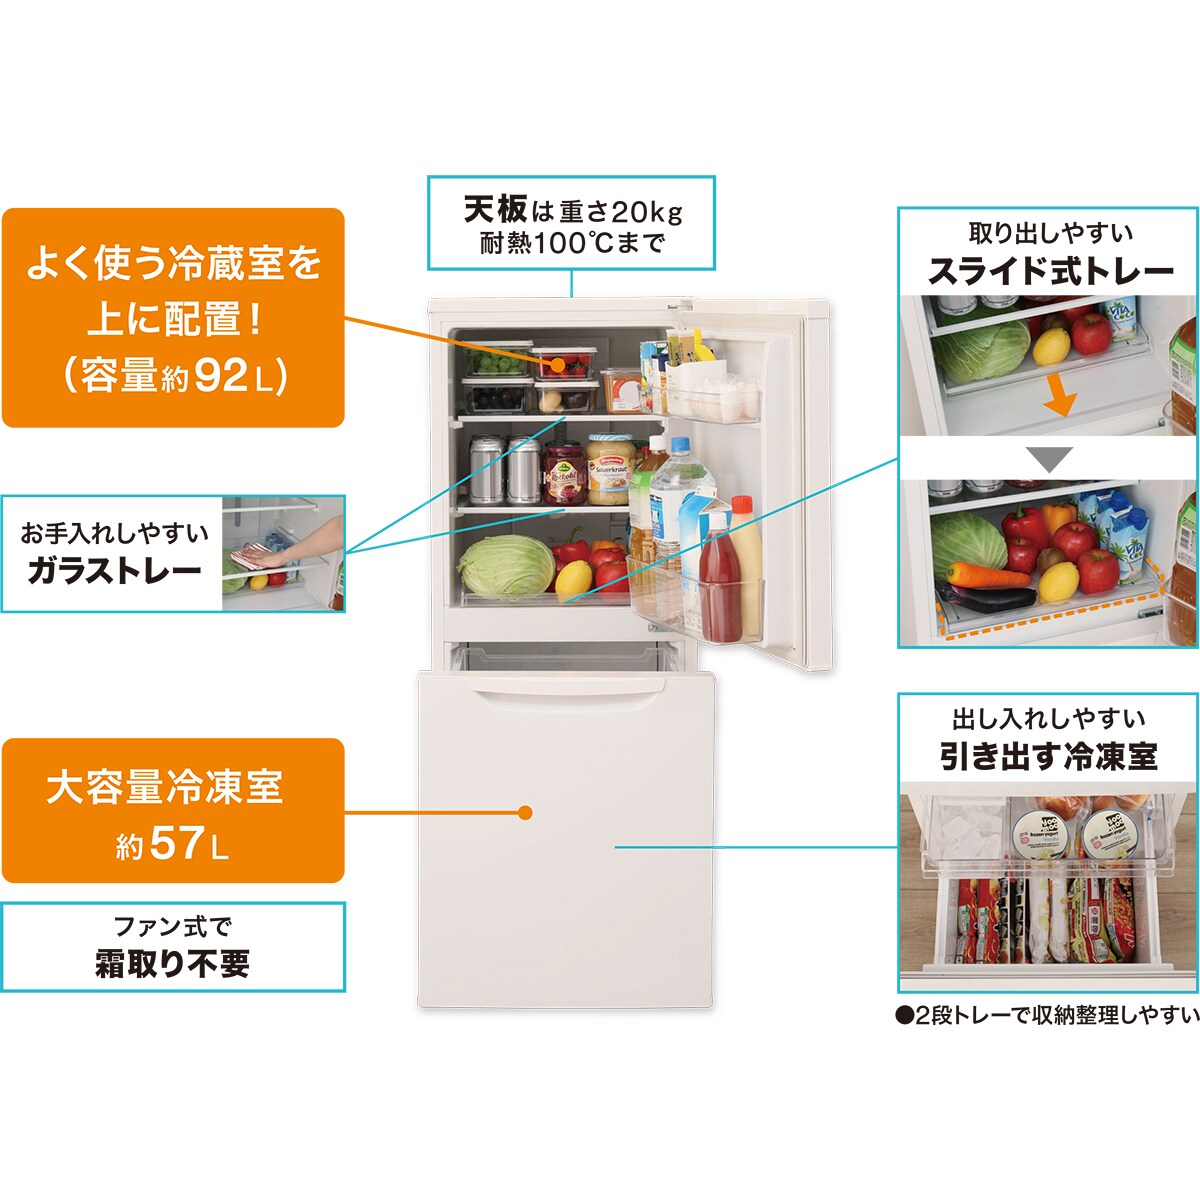 149L容量ファン式2ドア冷蔵庫(NTR-149WA)リサイクル回収有りニトリ【配送員設置】【1年保証】